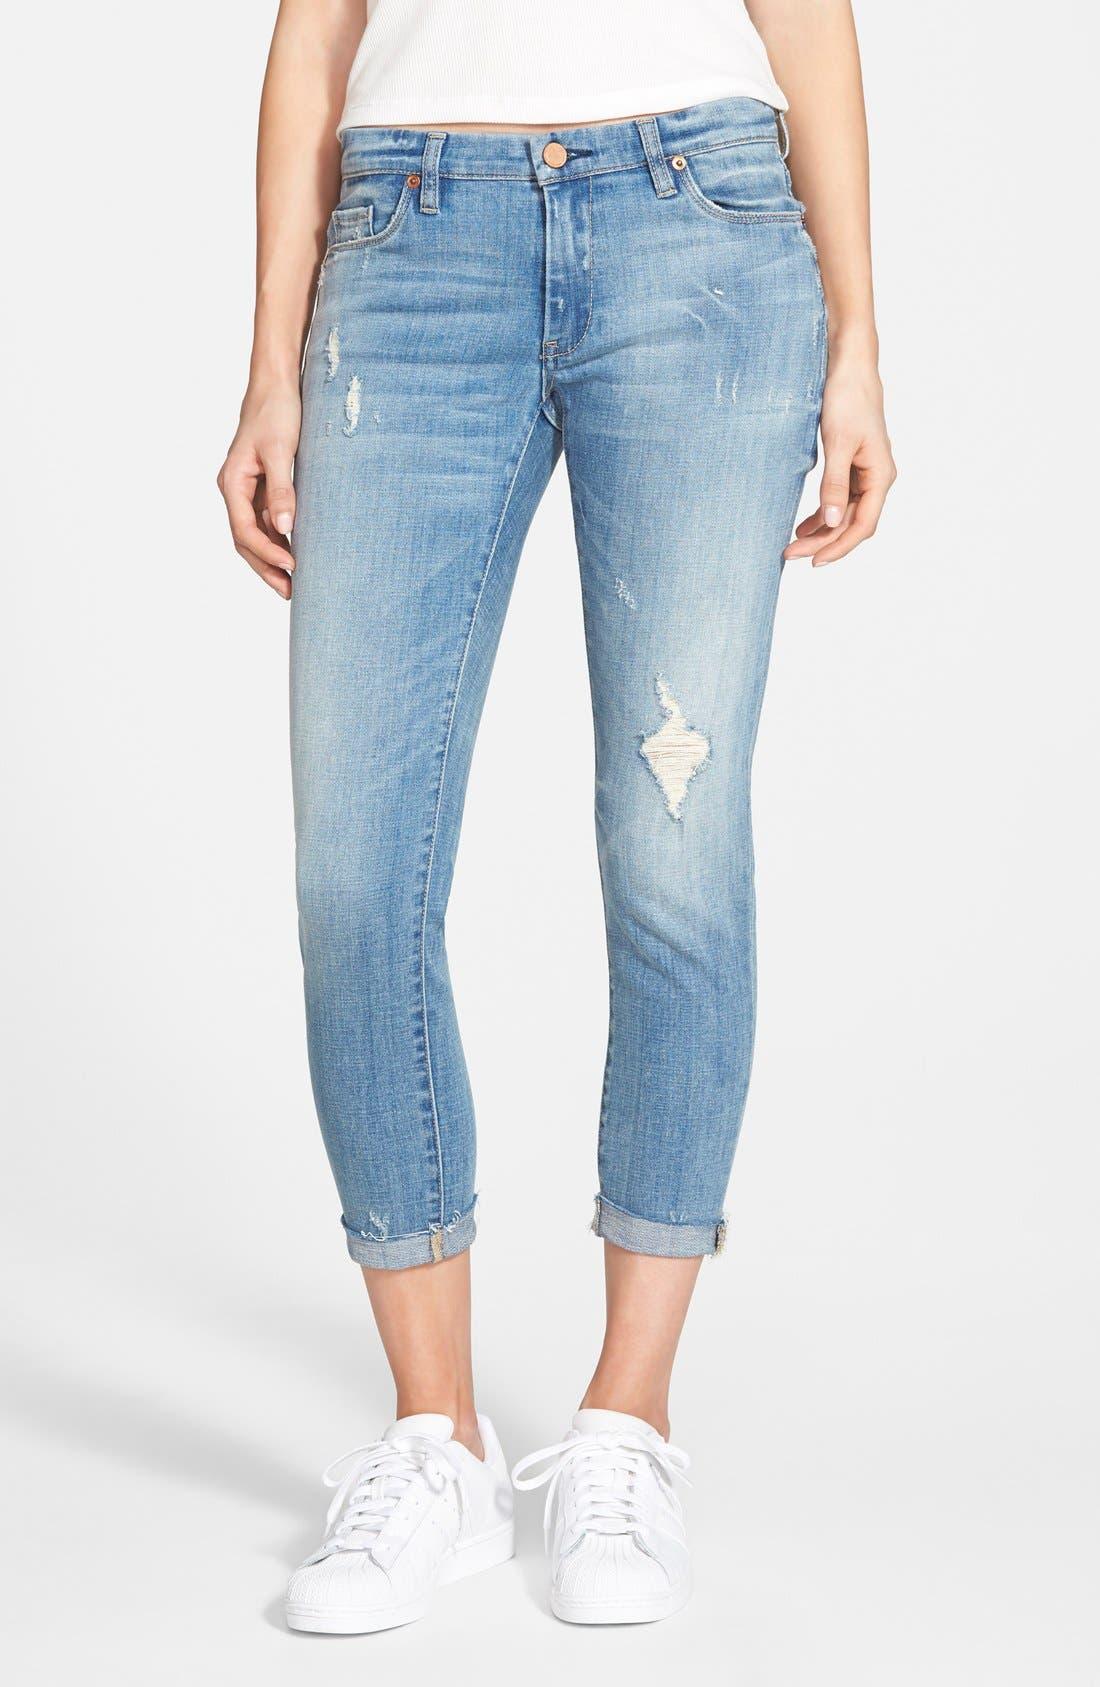 Alternate Image 1 Selected - BLANKNYC 'Kale Yeah' Distressed Skinny Jeans (Medium)